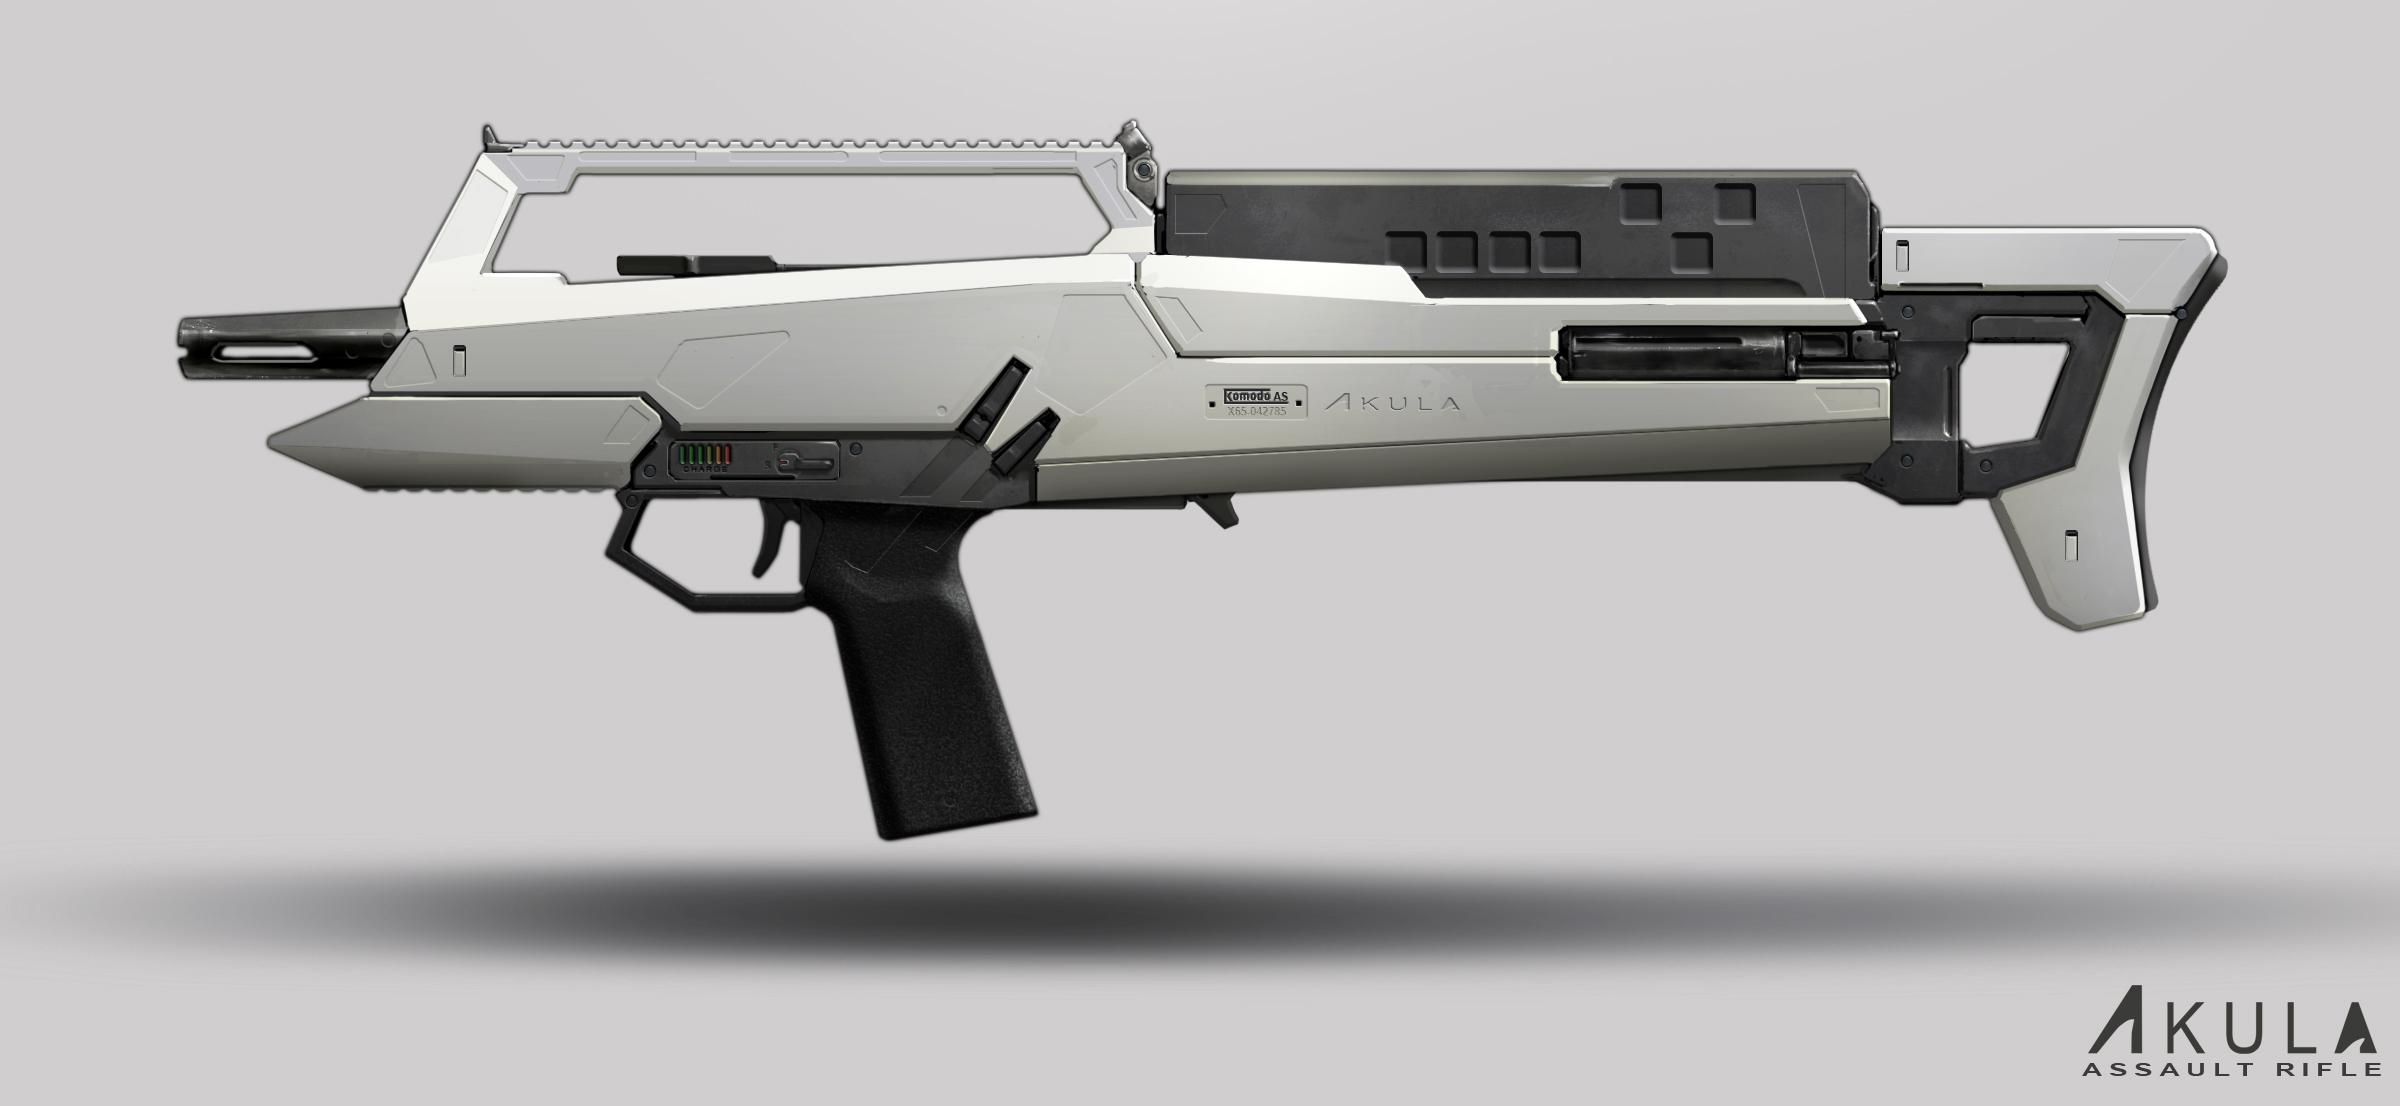 Akula Rifle by dfacto